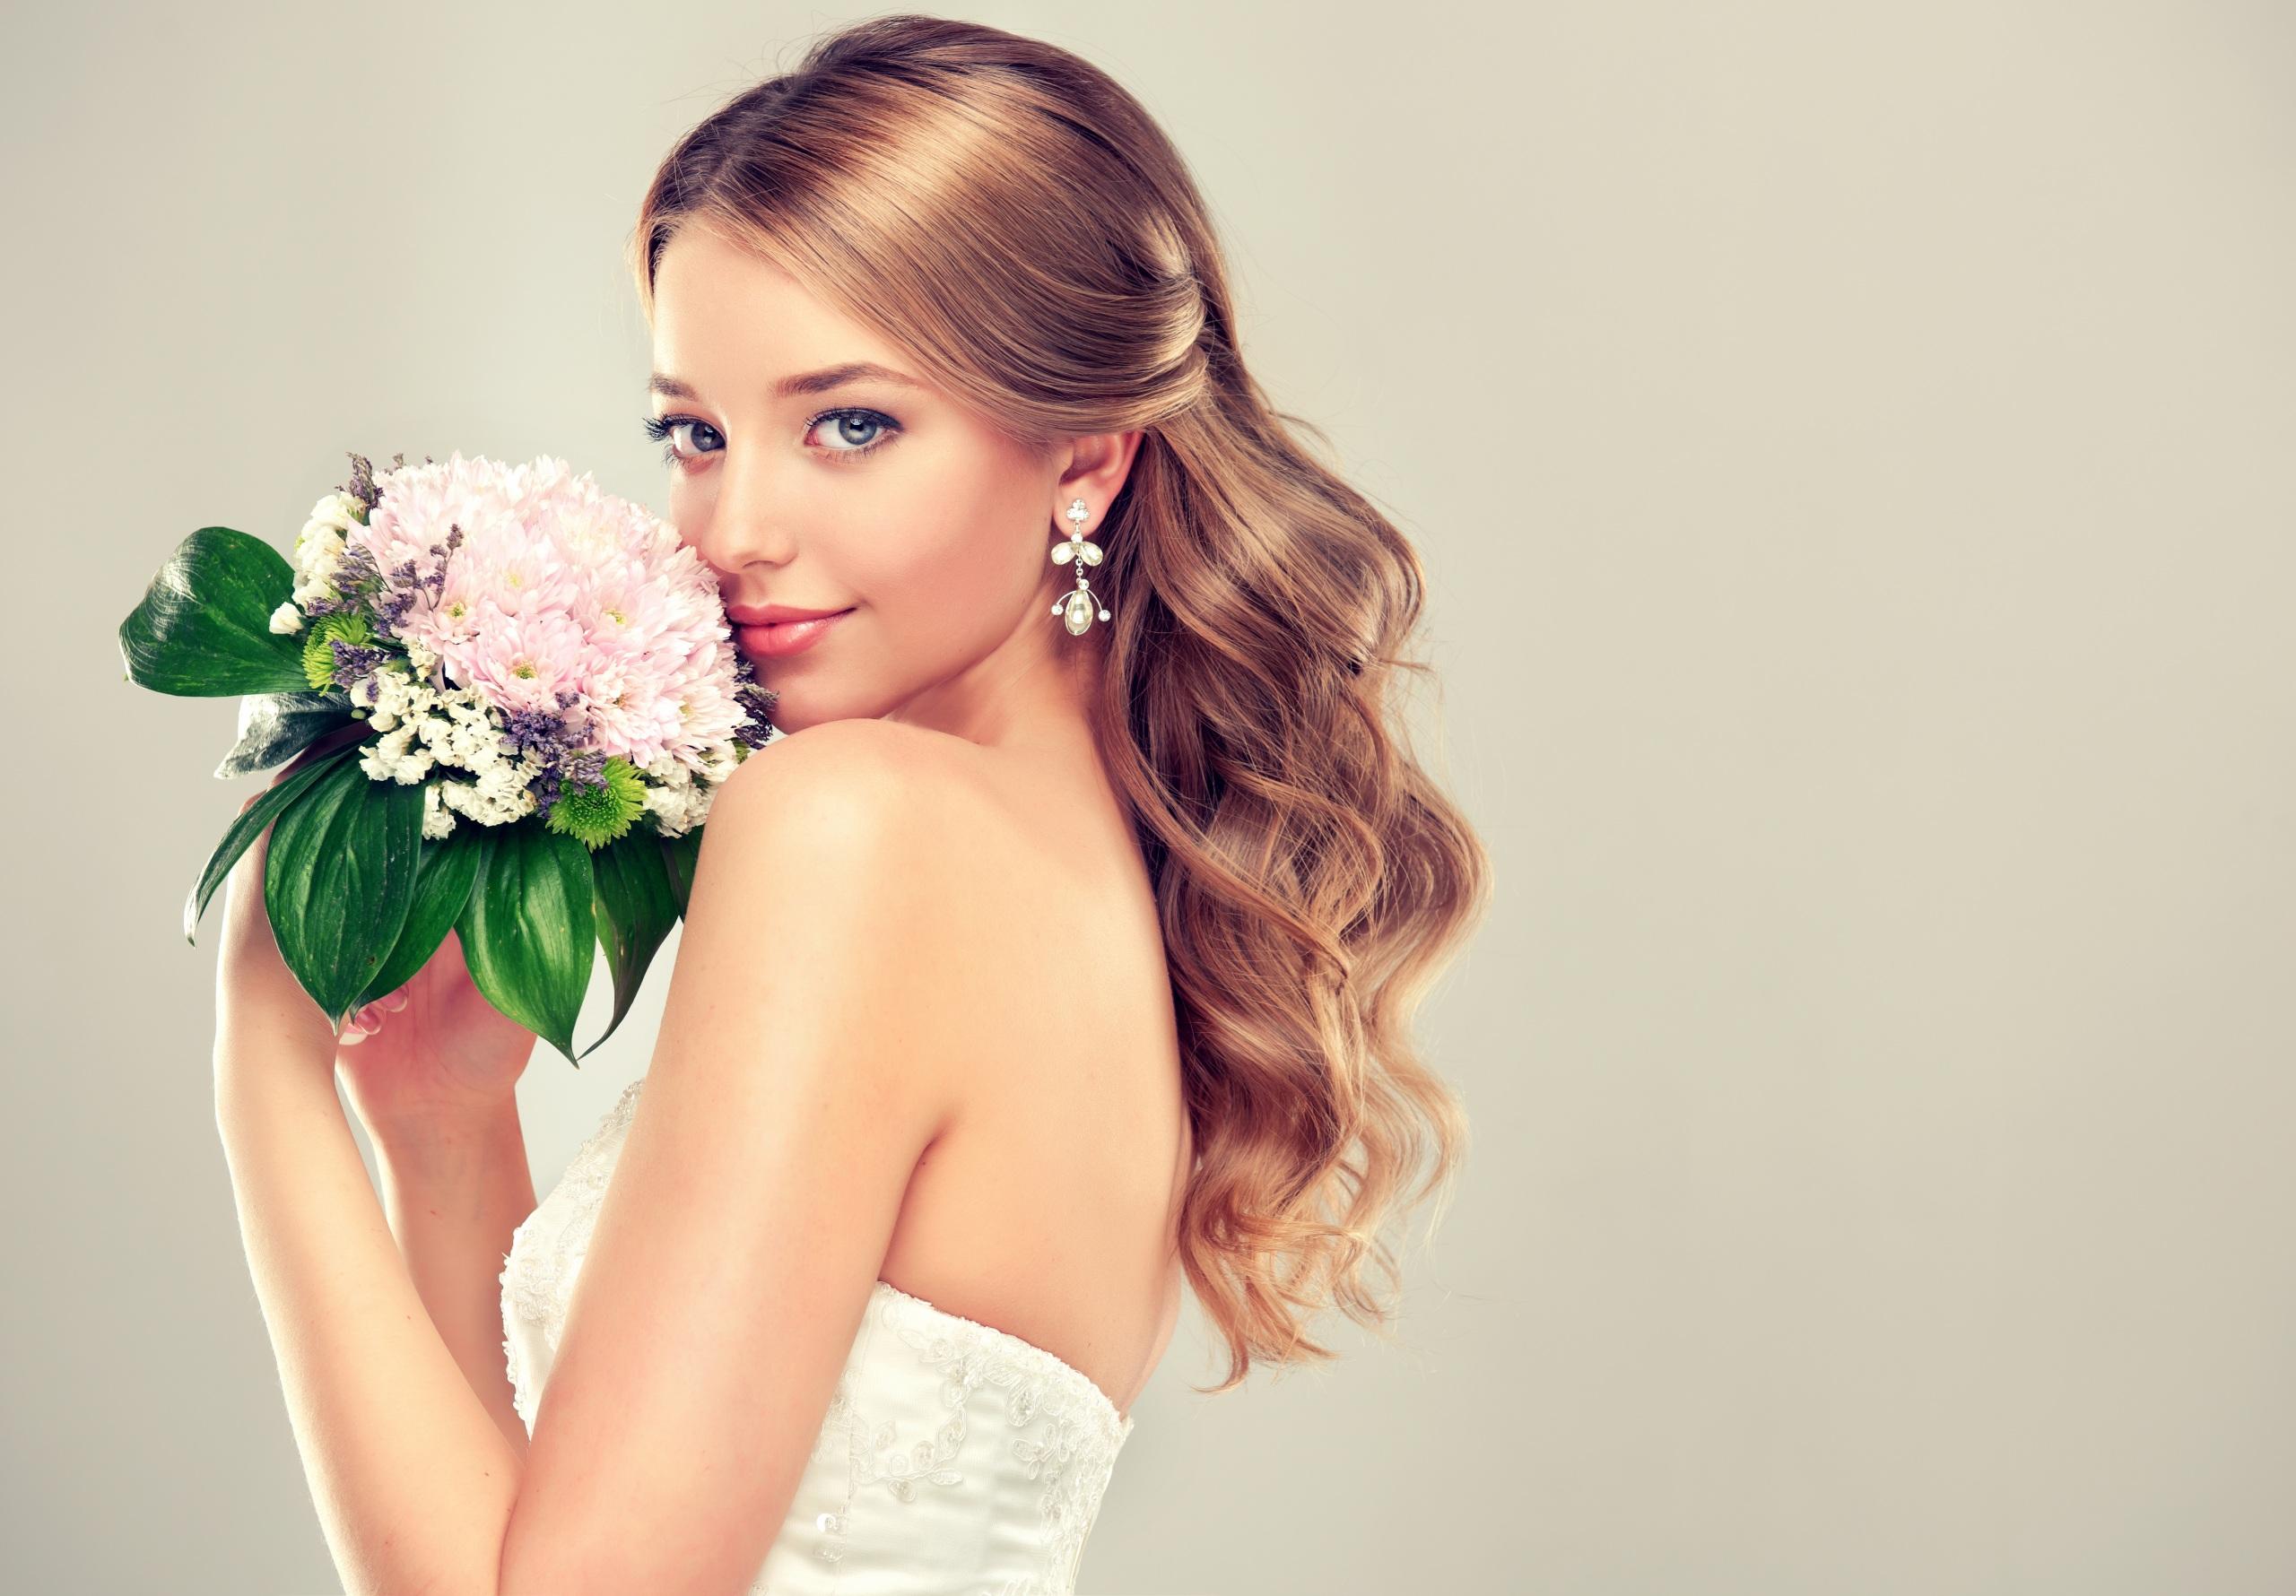 Картинки Невеста Шатенка Красивые Букеты Девушки Серьги смотрит Серый фон 2560x1780 Взгляд